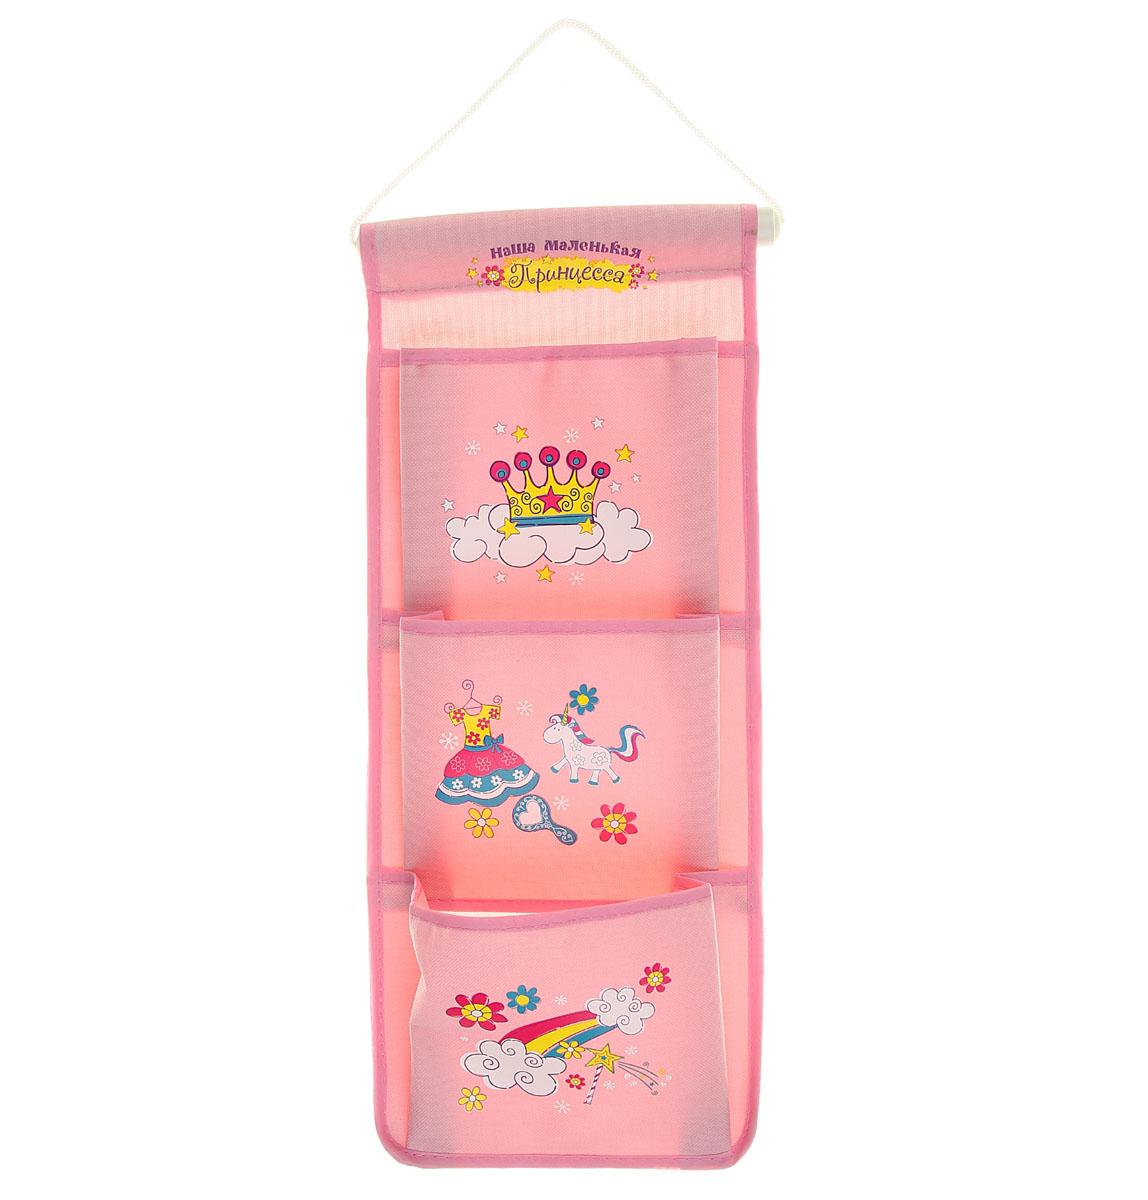 Кармашки на стену Sima-land Наша маленькая принцесса, цвет: розовый, белый, желтый, 3 шт139985Кармашки на стену Sima-land «Наша маленькая принцесса», изготовленные из текстиля и пластика, предназначены для хранения необходимых вещей, множества мелочей в гардеробной, ванной, детской комнатах. Изделие представляет собой текстильное полотно с тремя пришитыми кармашками. Благодаря пластмассовой планке и шнурку, кармашки можно подвесить на стену или дверь в необходимом для вас месте. Кармашки декорированы изображениями короны, платья, цветов и надписью «Наша маленькая принцесса». Этот нужный предмет может стать одновременно и декоративным элементом комнаты. Яркий дизайн, как ничто иное, способен оживить интерьер вашего дома.